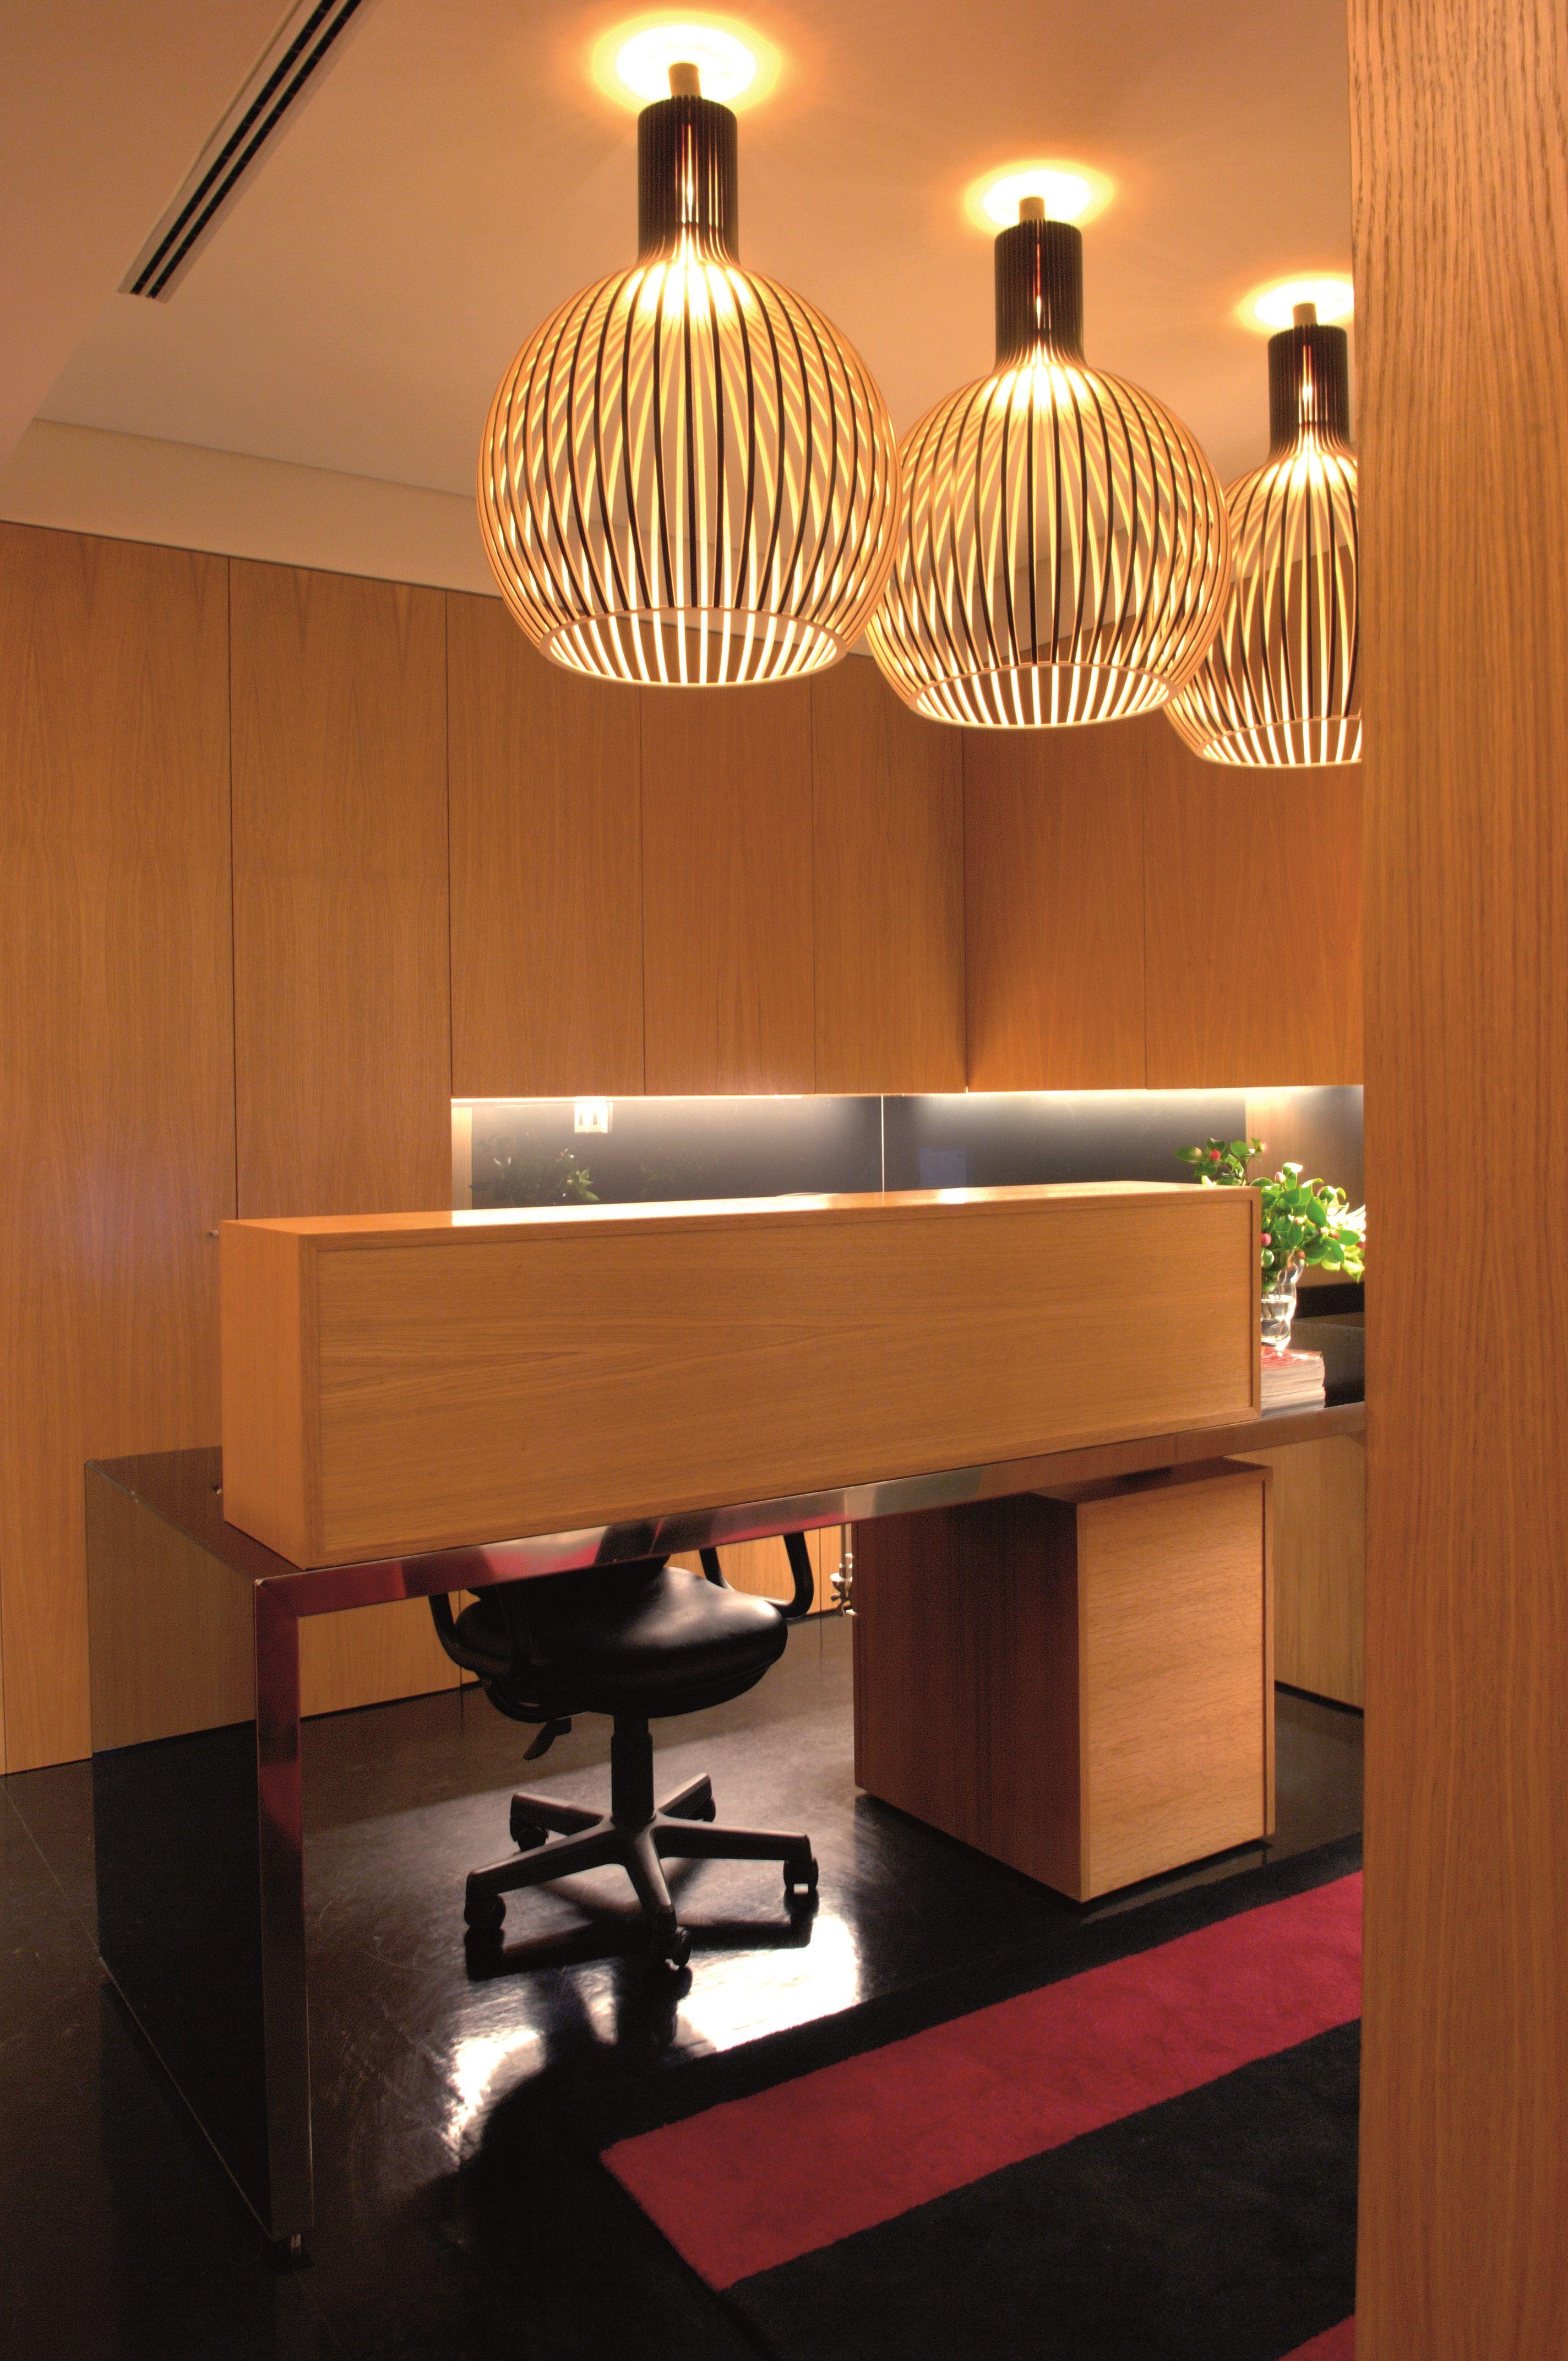 Xyz arquitectos associados gabinete mdico matosinhos portugal xyz arquitectos associados gabinete mdico matosinhos portugal interior design office mozeypictures Choice Image